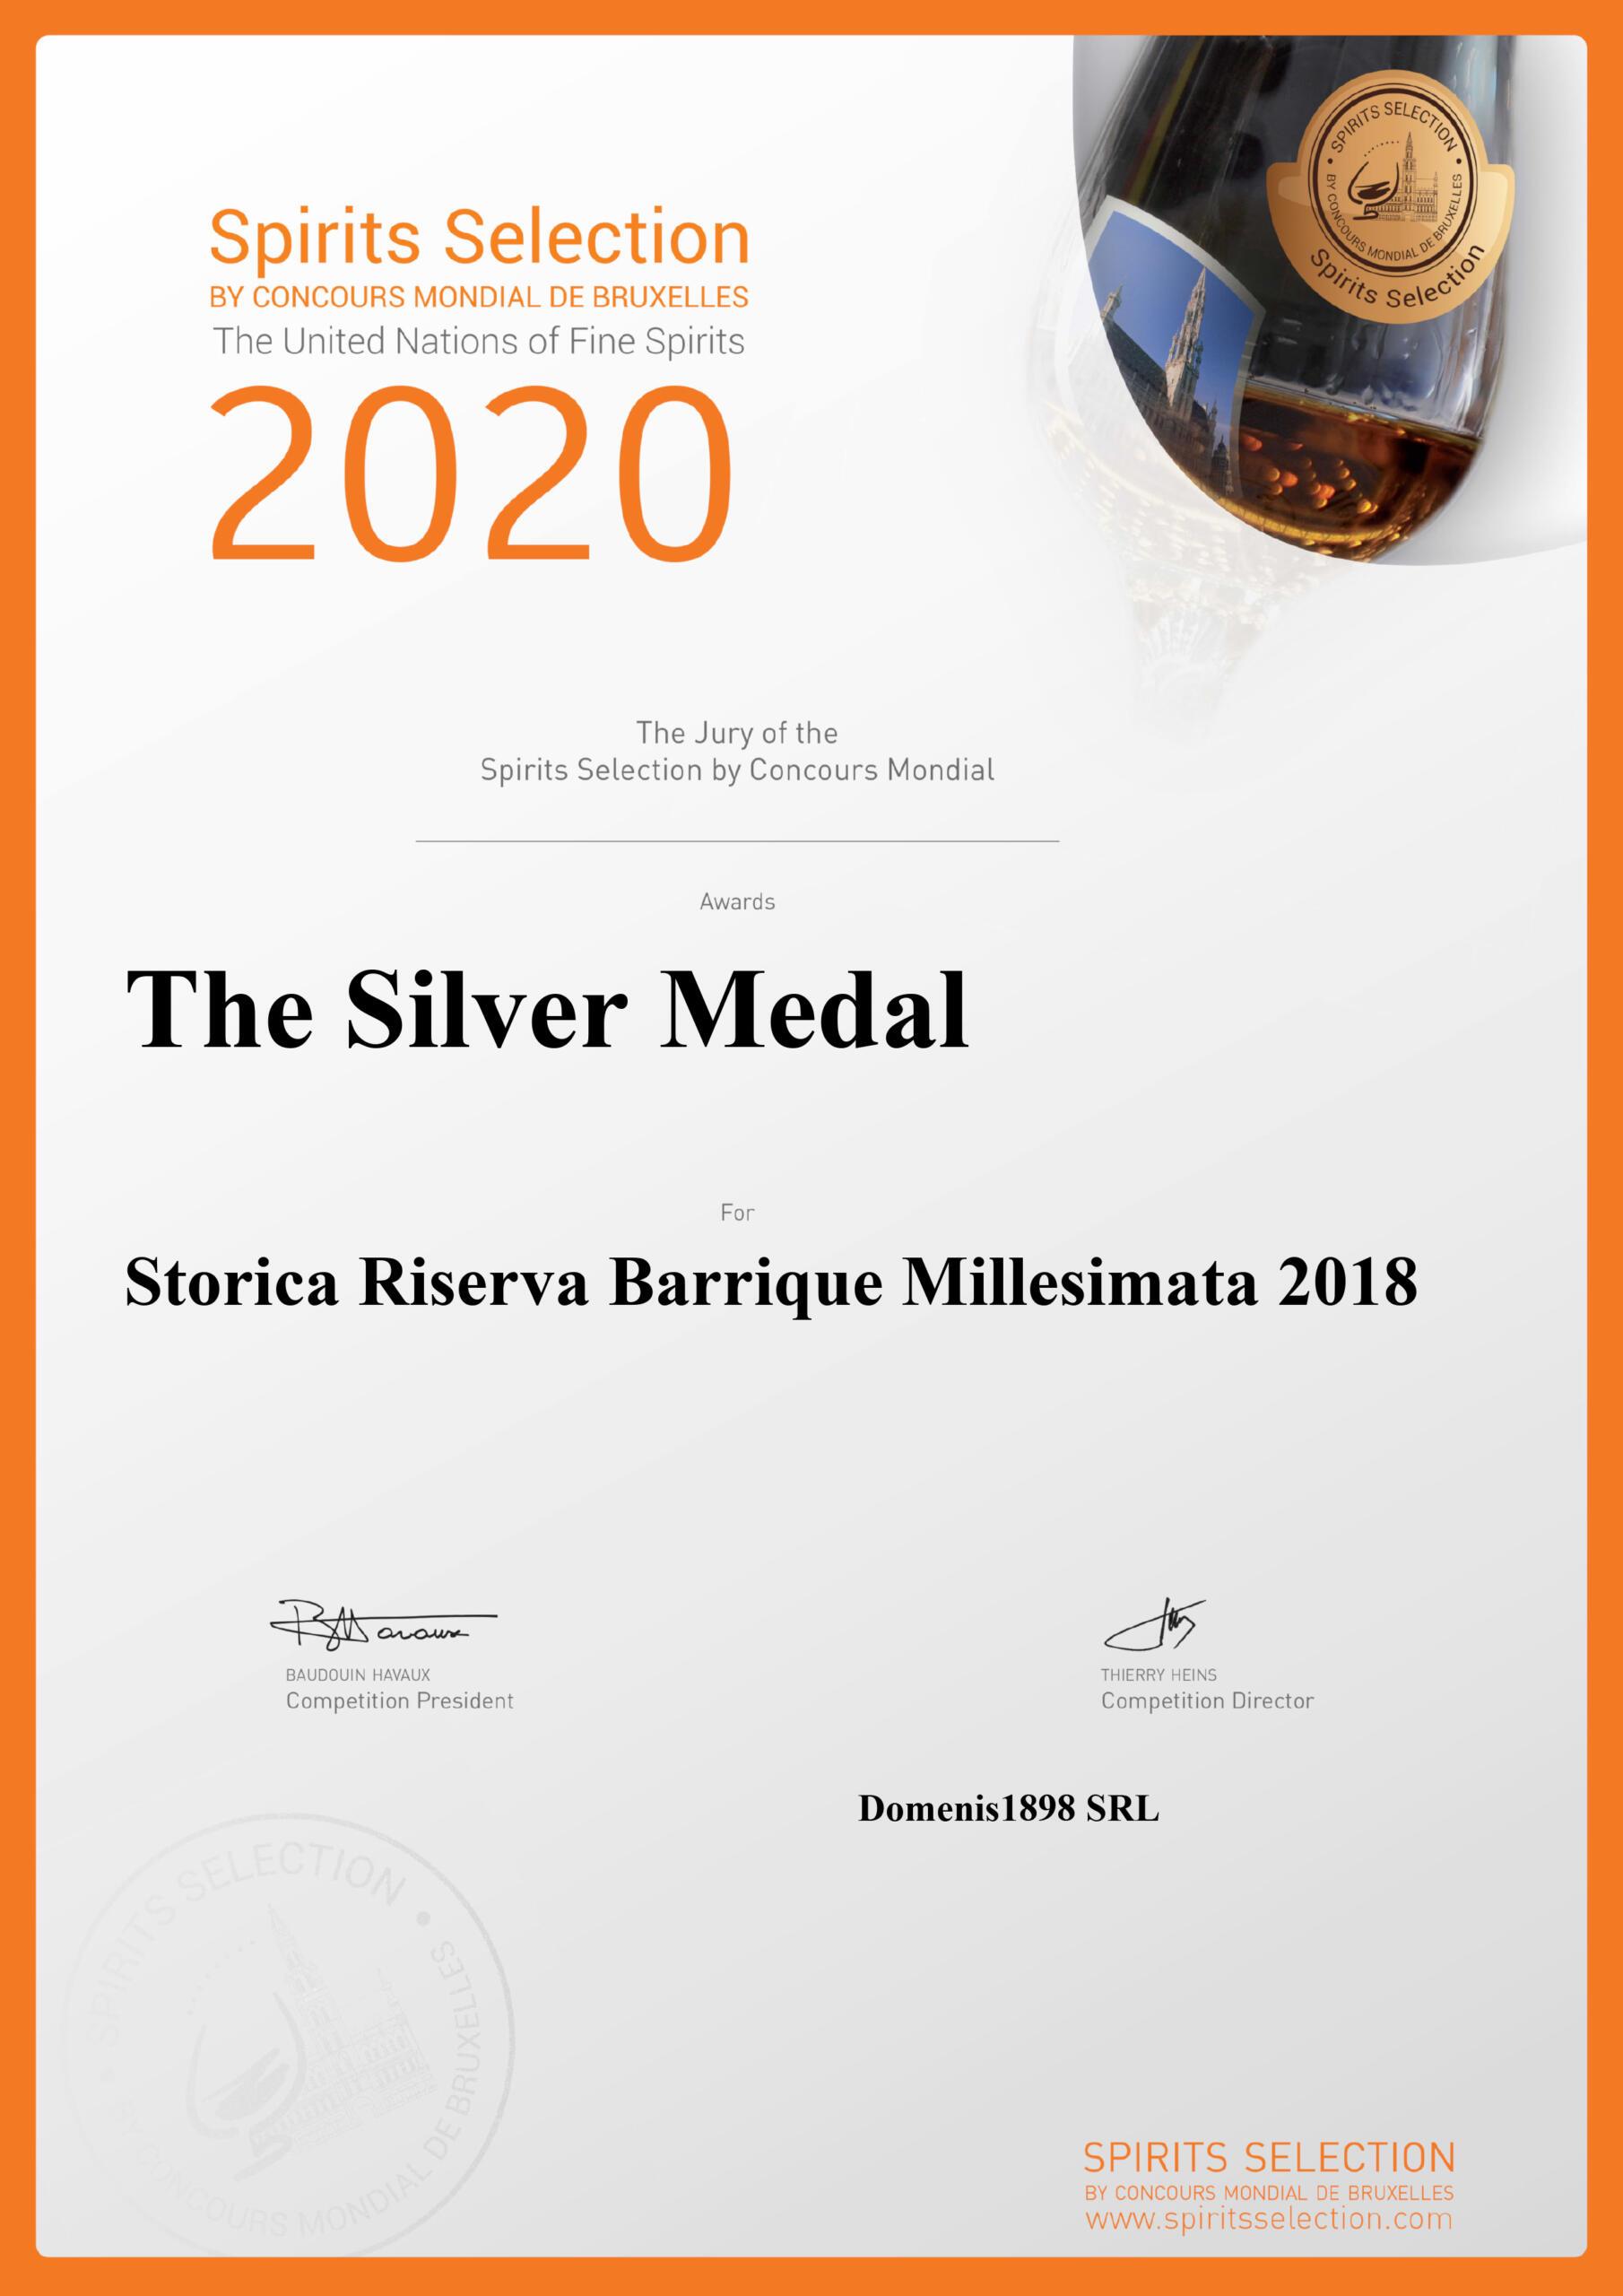 Spirits Selection by Concours Mondial de Bruxelles 2020 – Silver Medal – Storica Riserva Barrique Millesimata